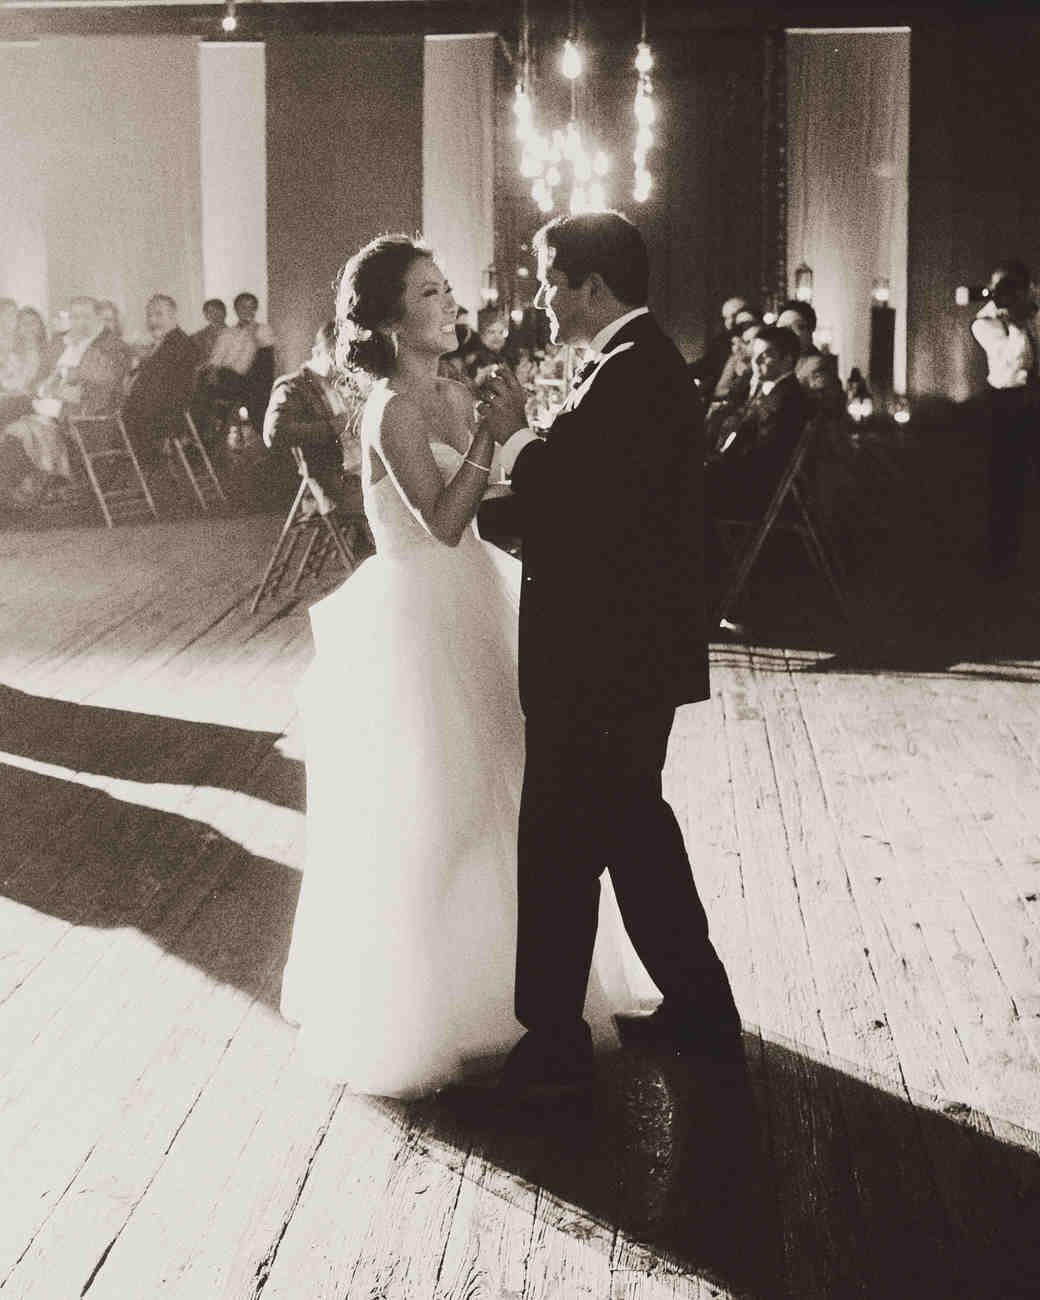 wd111100-prem-judy-wedding-693-bw.jpg